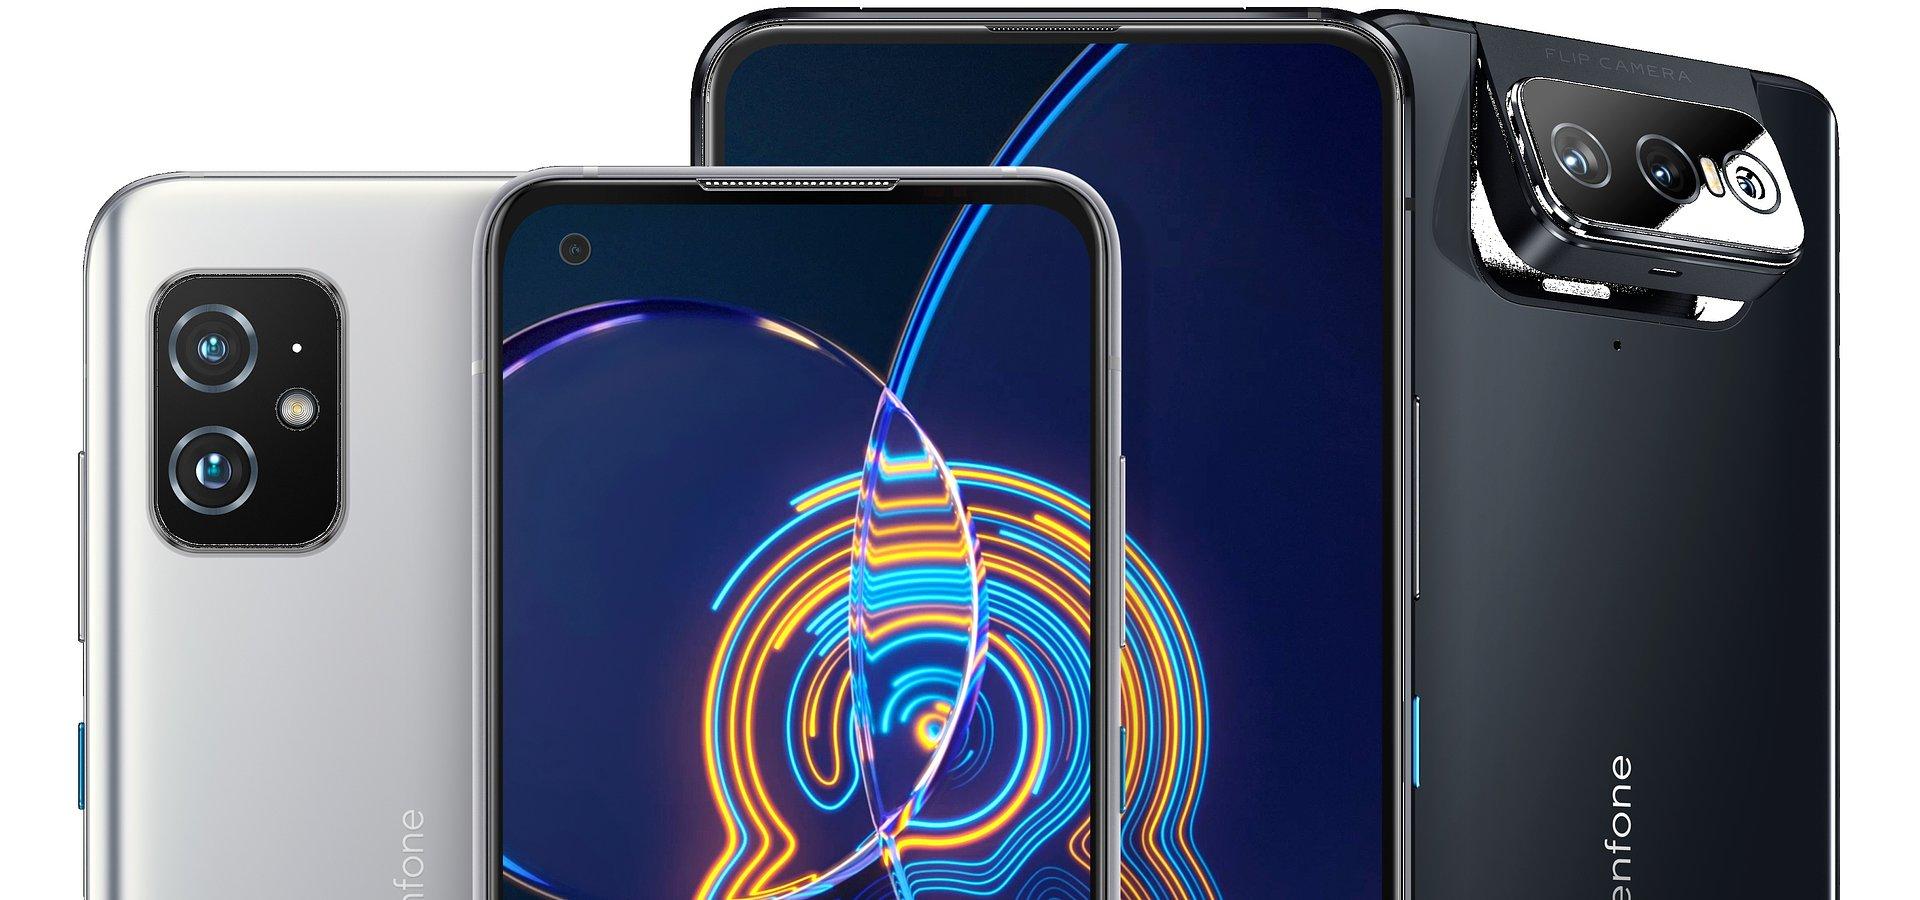 ASUS prezentuje najnowszą serię telefonów Zenfone 8